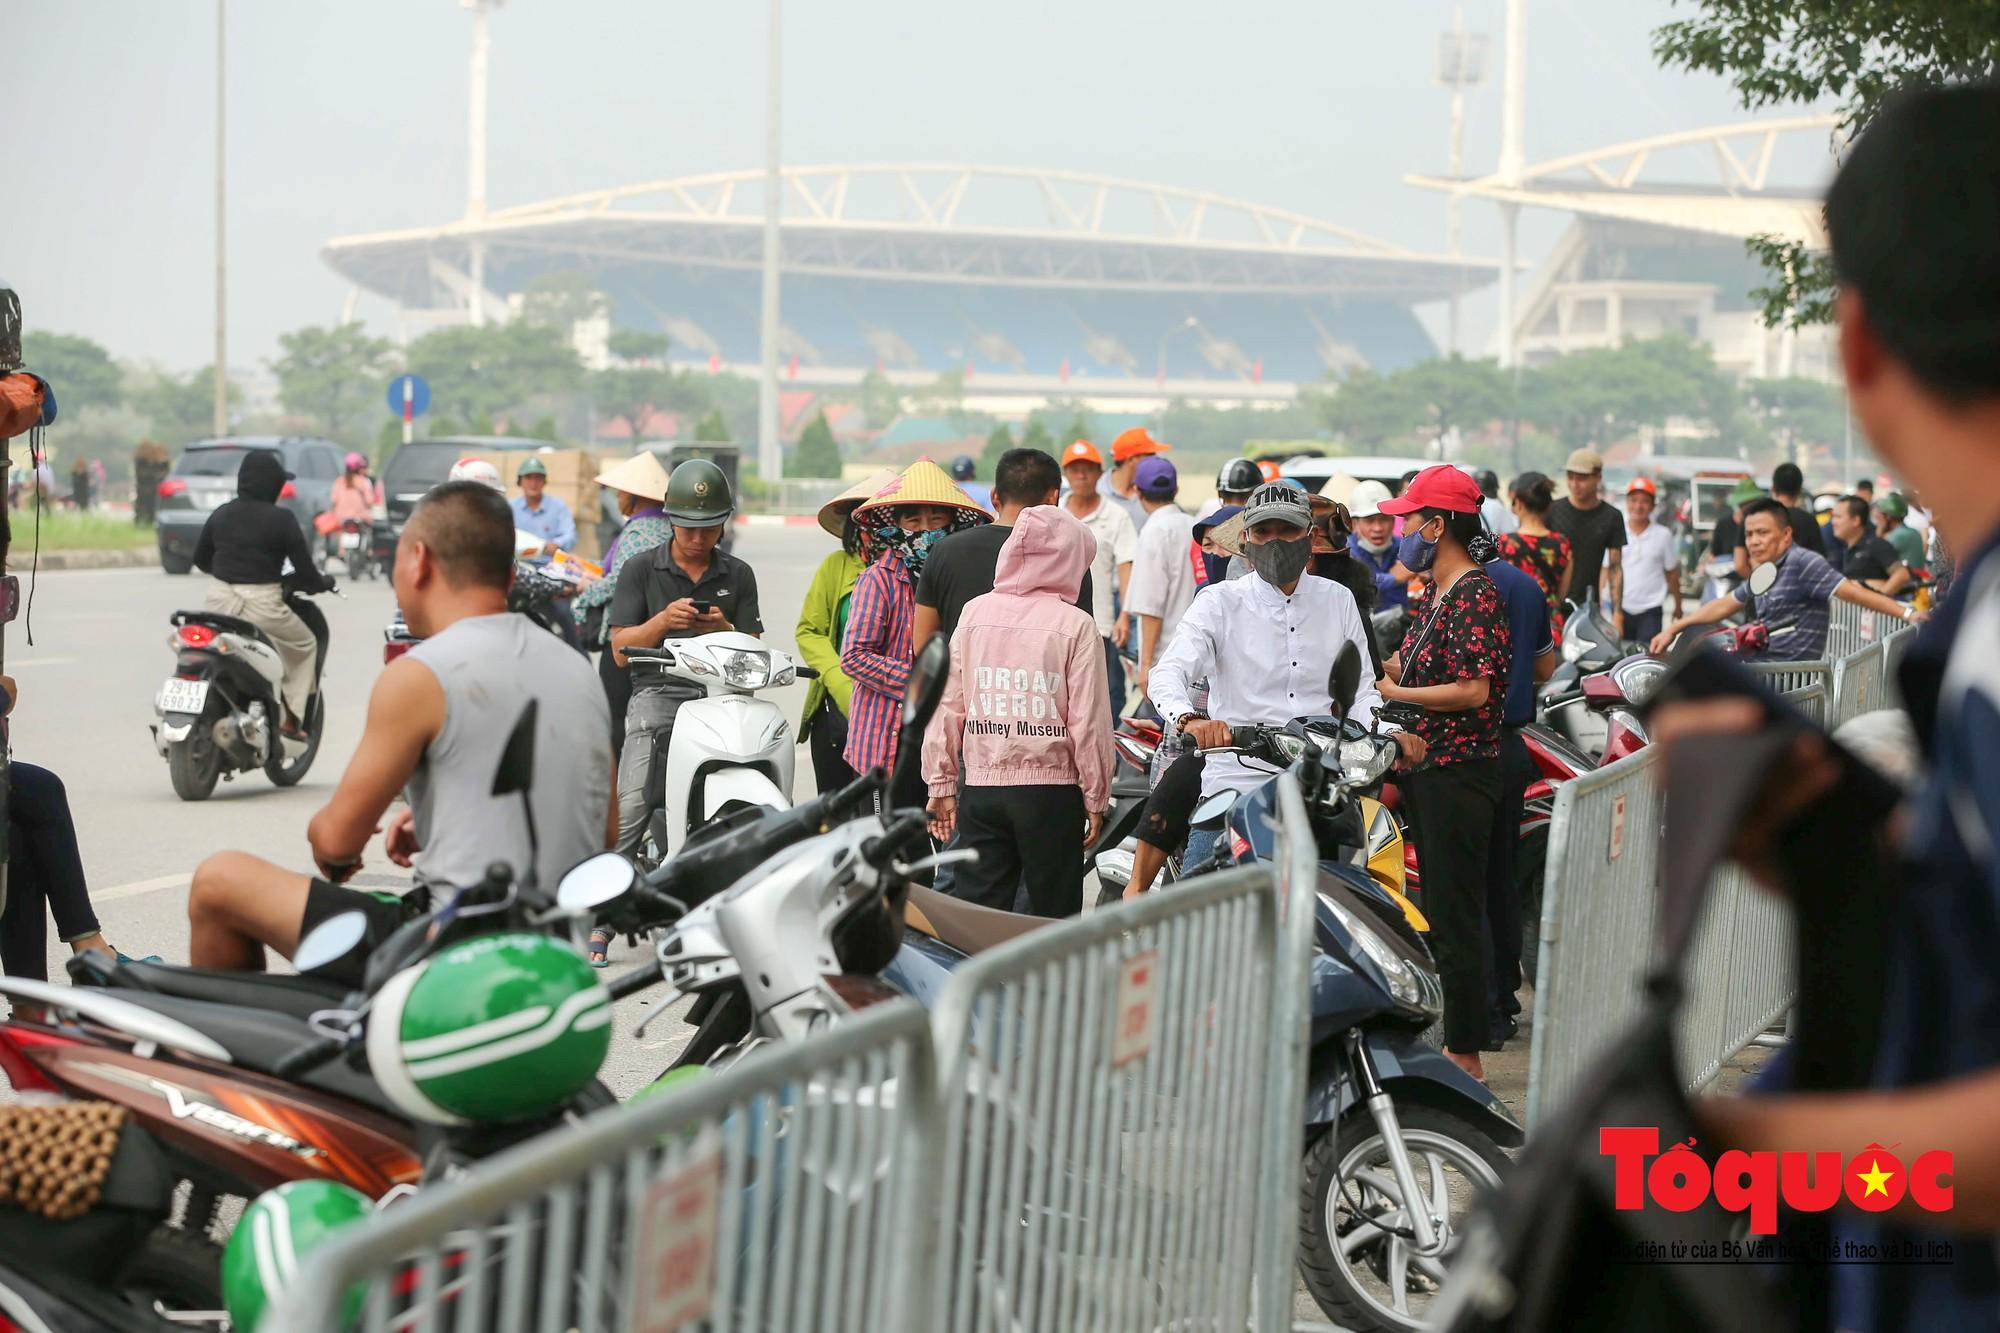 Vé trận Việt Nam - Malaysia: Giá vé chợ đen tung tăng nhảy múa12